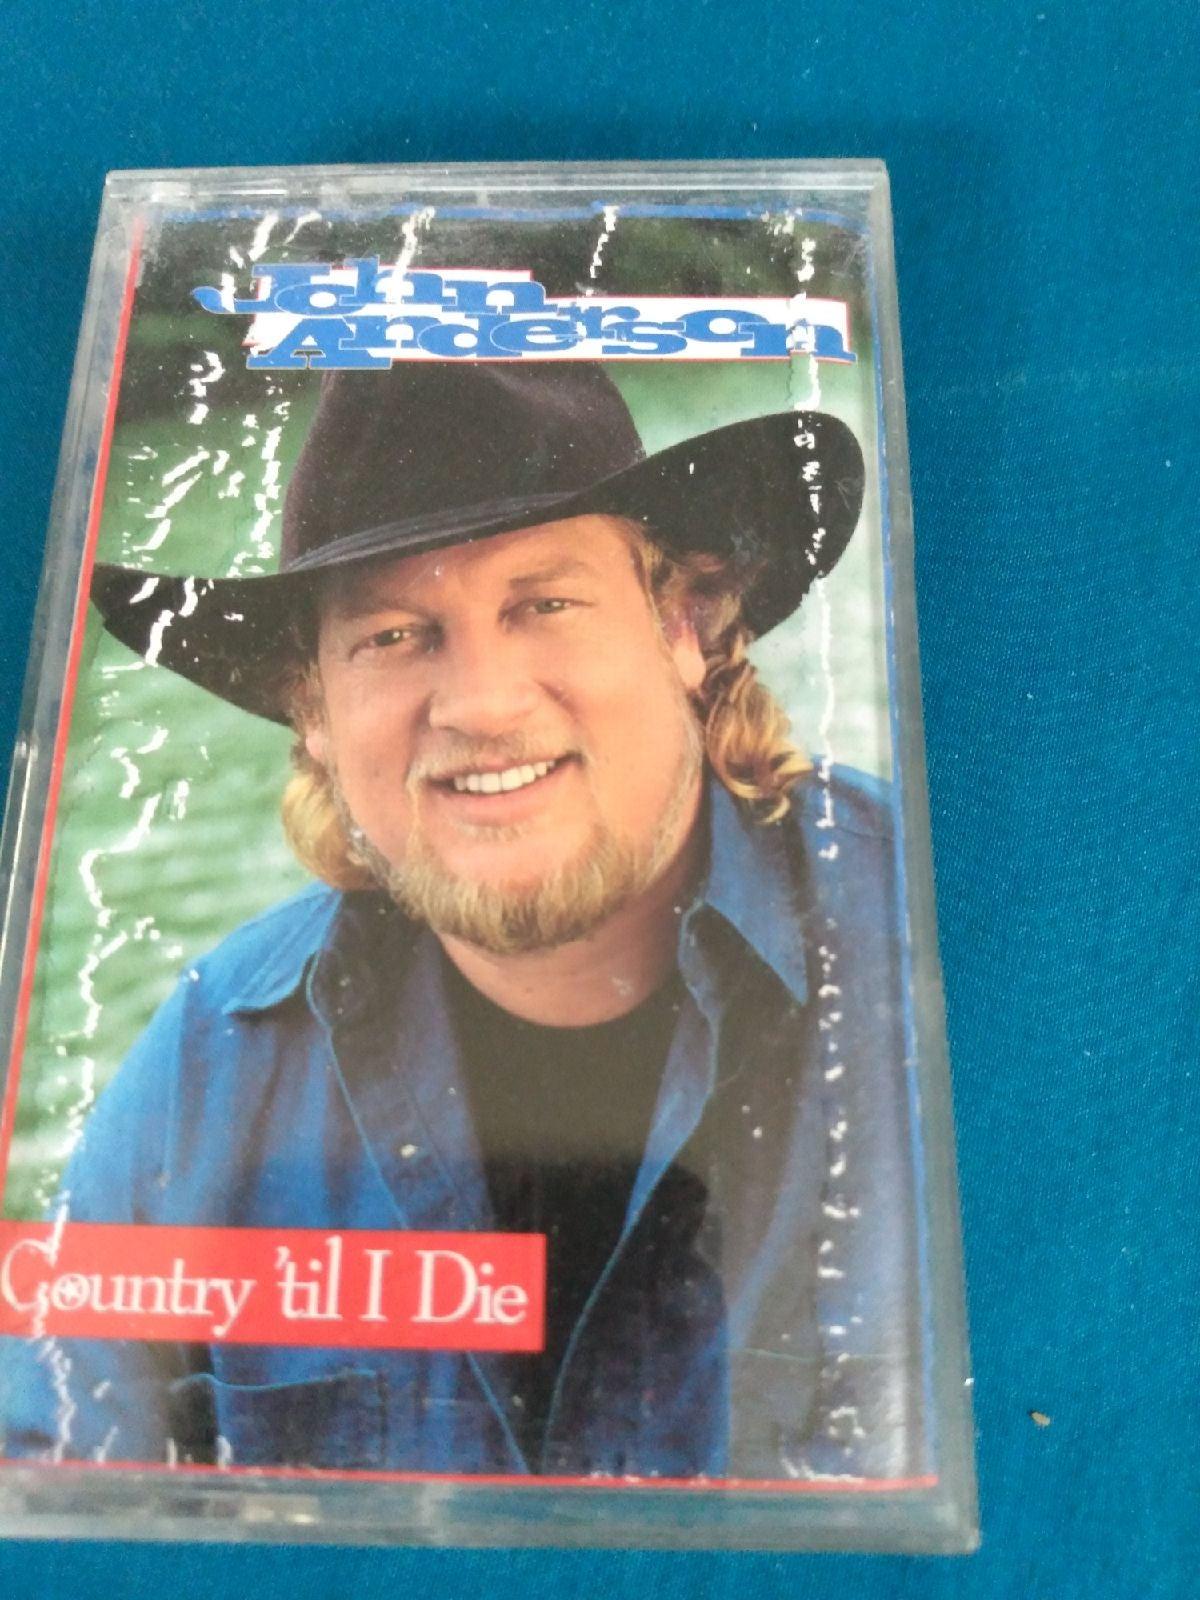 John Anderson cassette tape